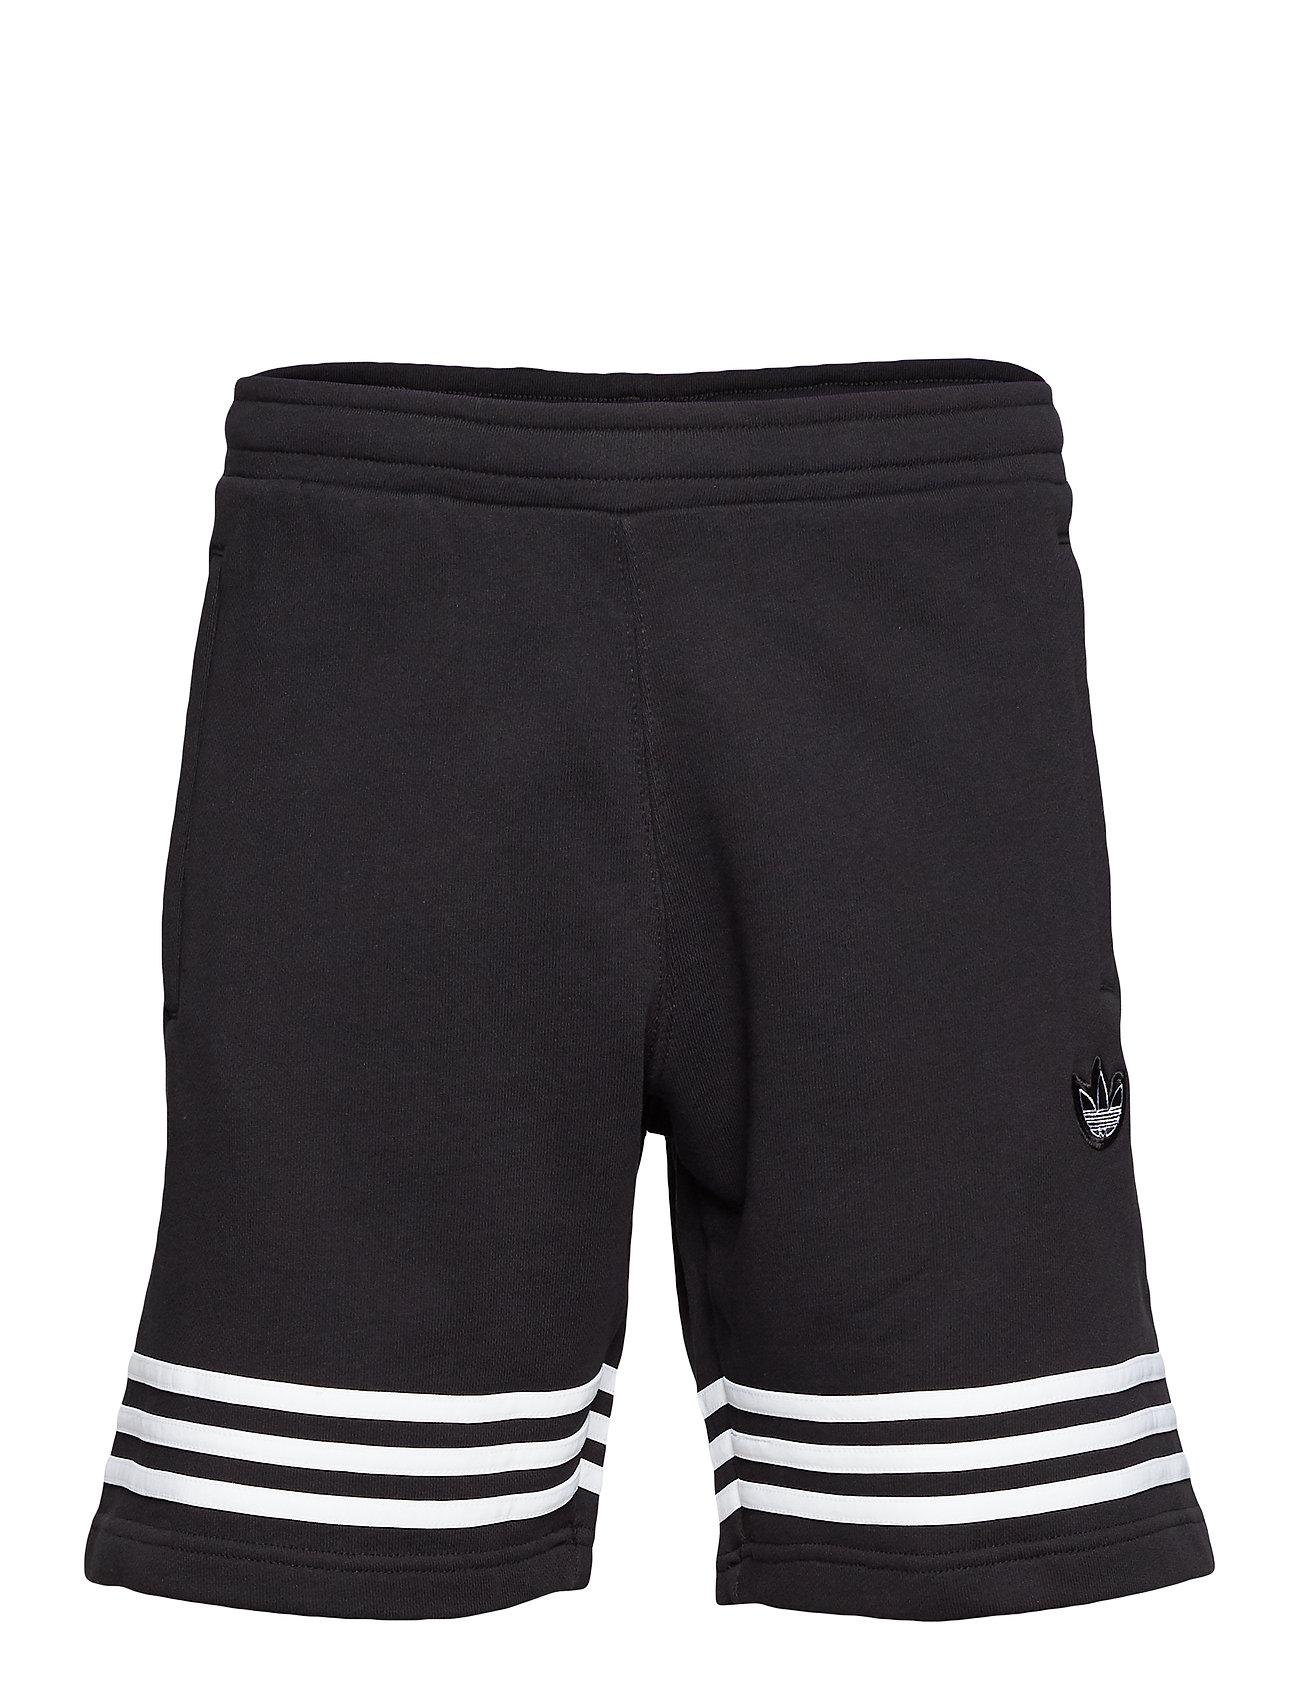 adidas Originals OUTLINE SHORT - BLACK